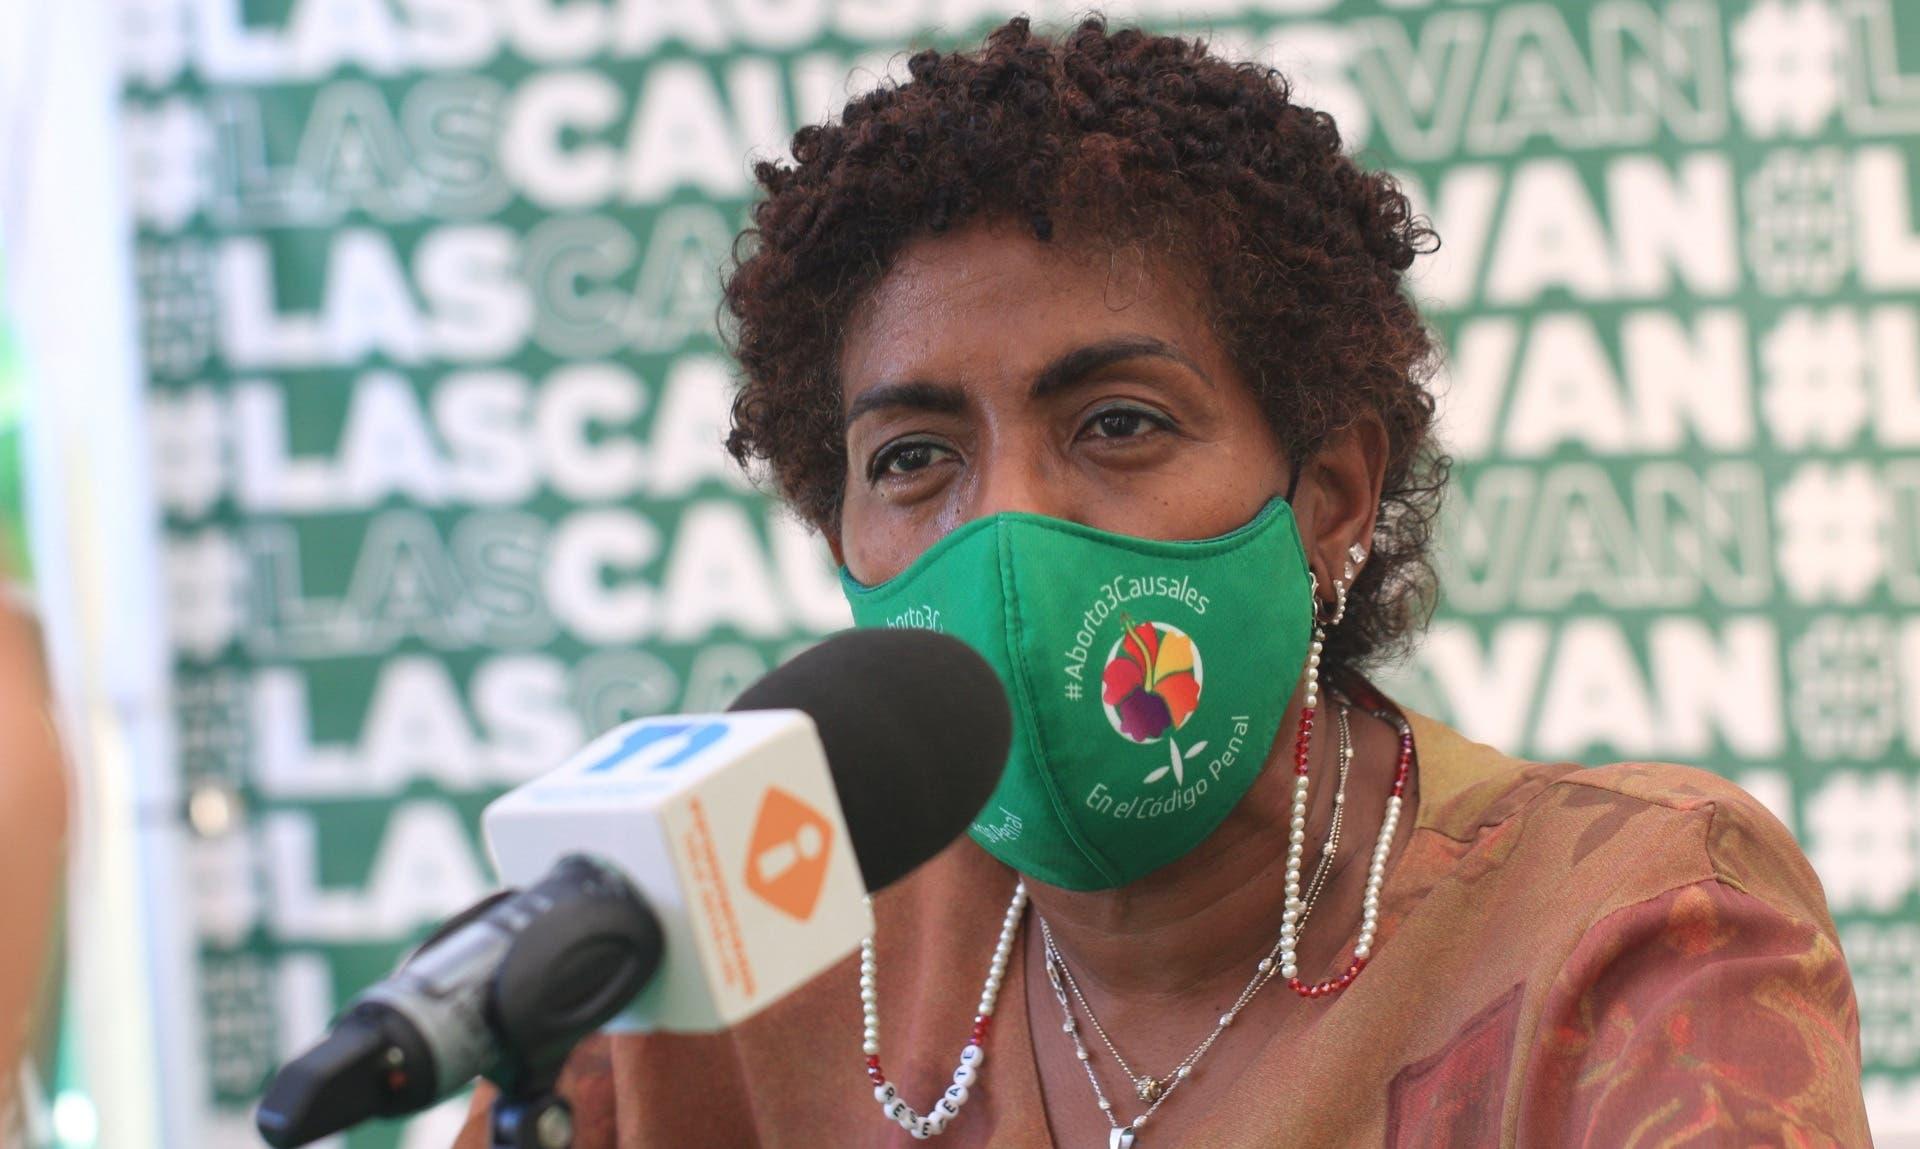 Movimiento por las tres causales advierte mortalidad materna aumenta casi 40%